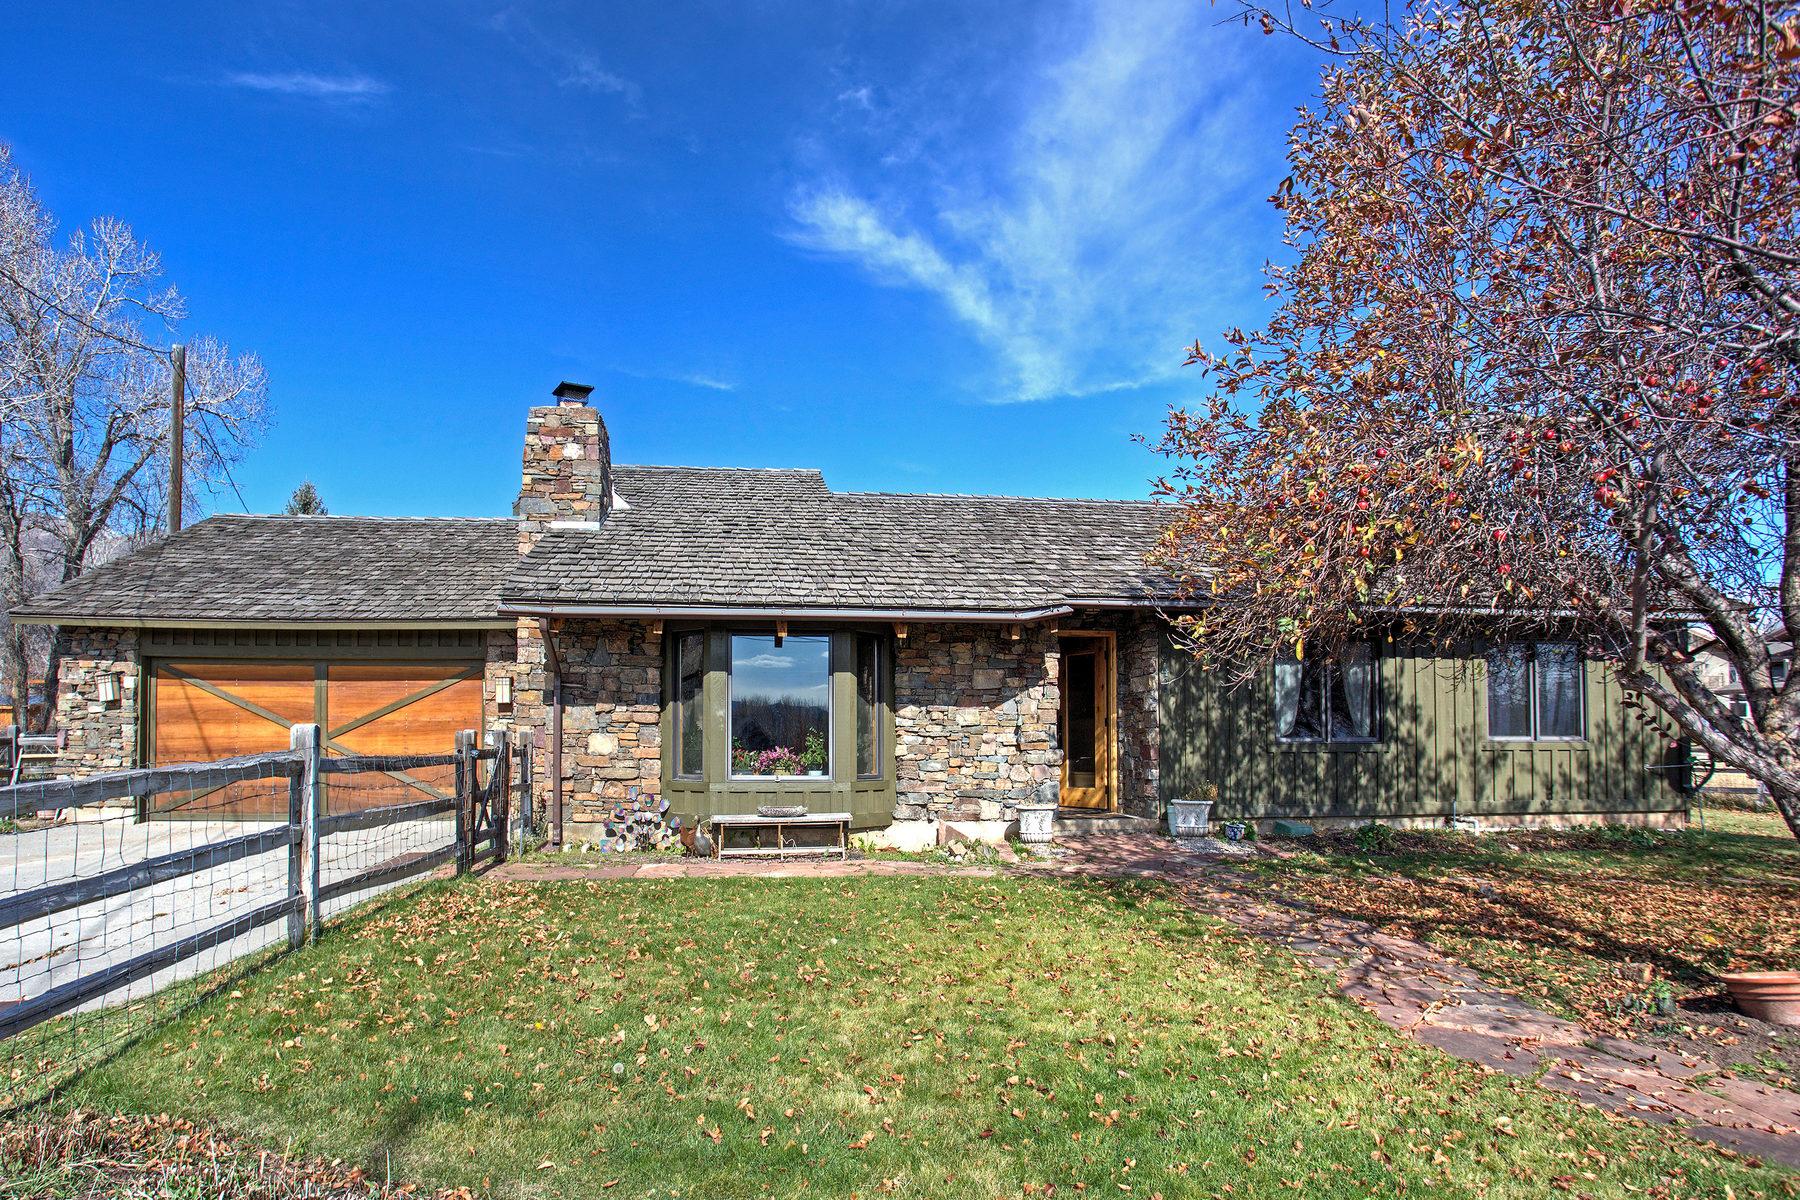 Casa Unifamiliar por un Venta en Charming Midway Home 540 W Cari Ln Midway, Utah, 84049 Estados Unidos